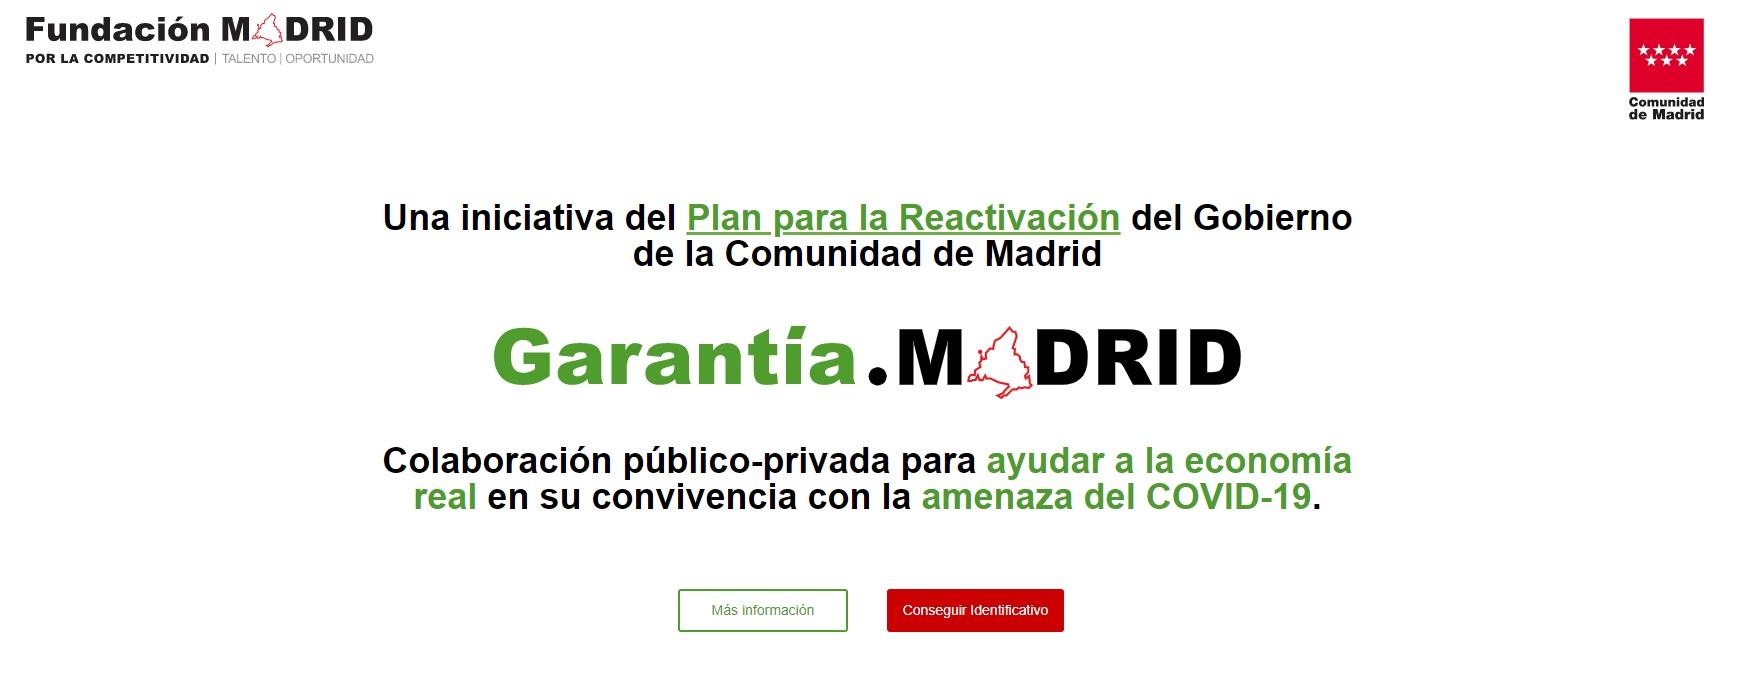 Díaz Ayuso presenta las nuevas medidas obligatorias para hostelería - La Viña